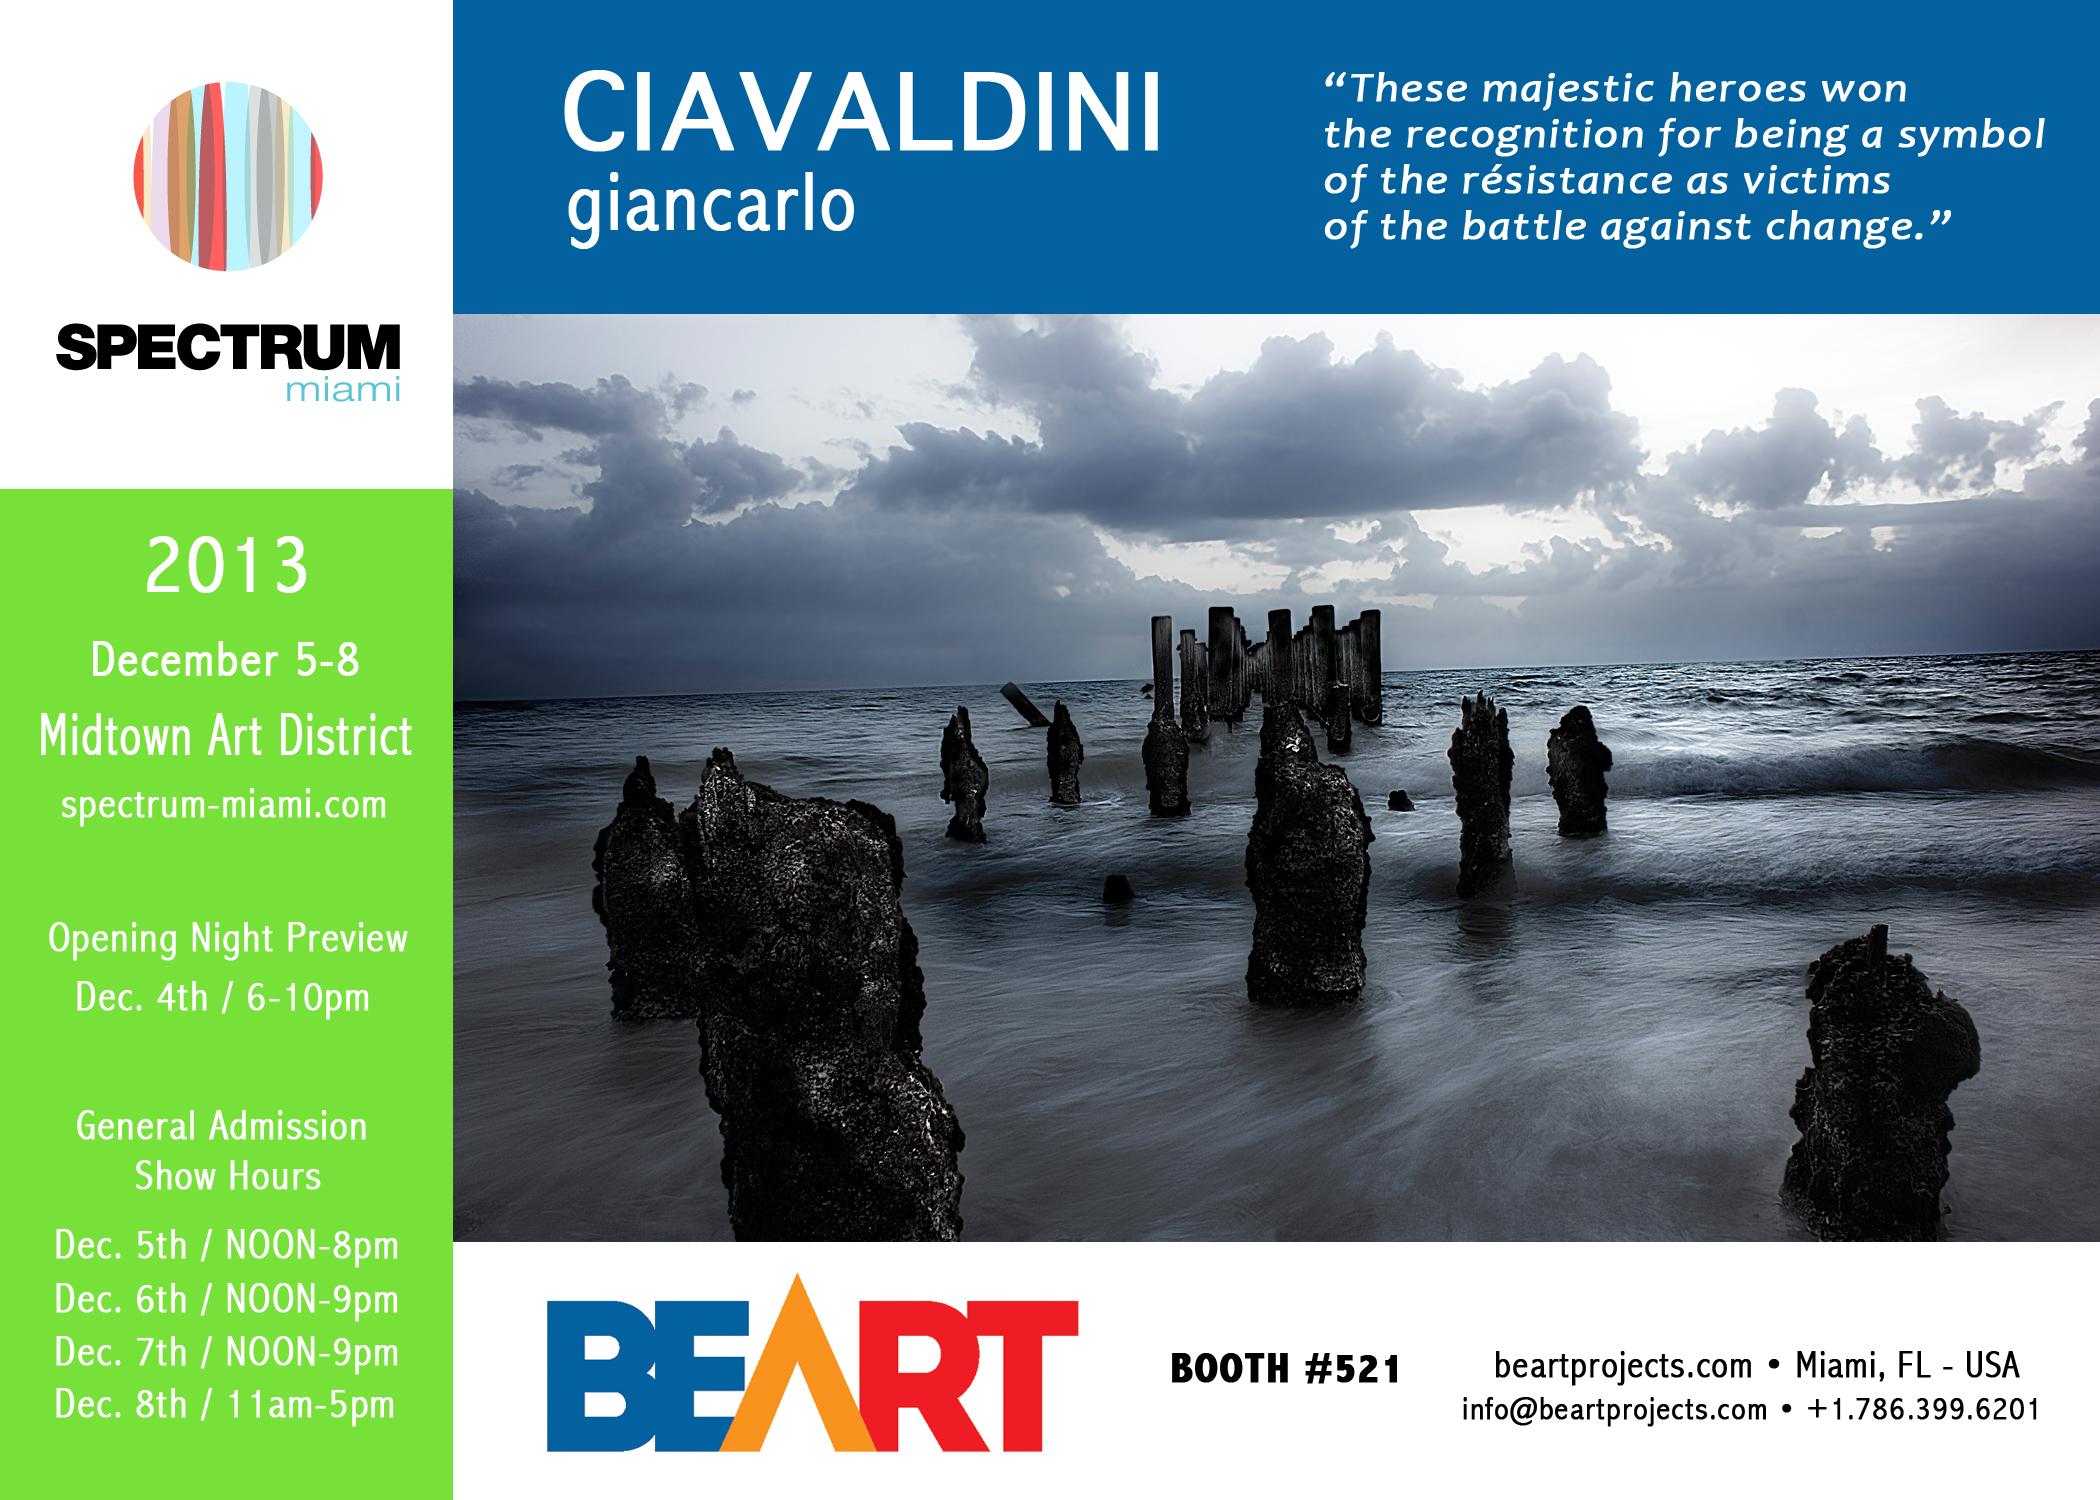 GCIAVALDINI-BEART-Spectrum.jpg